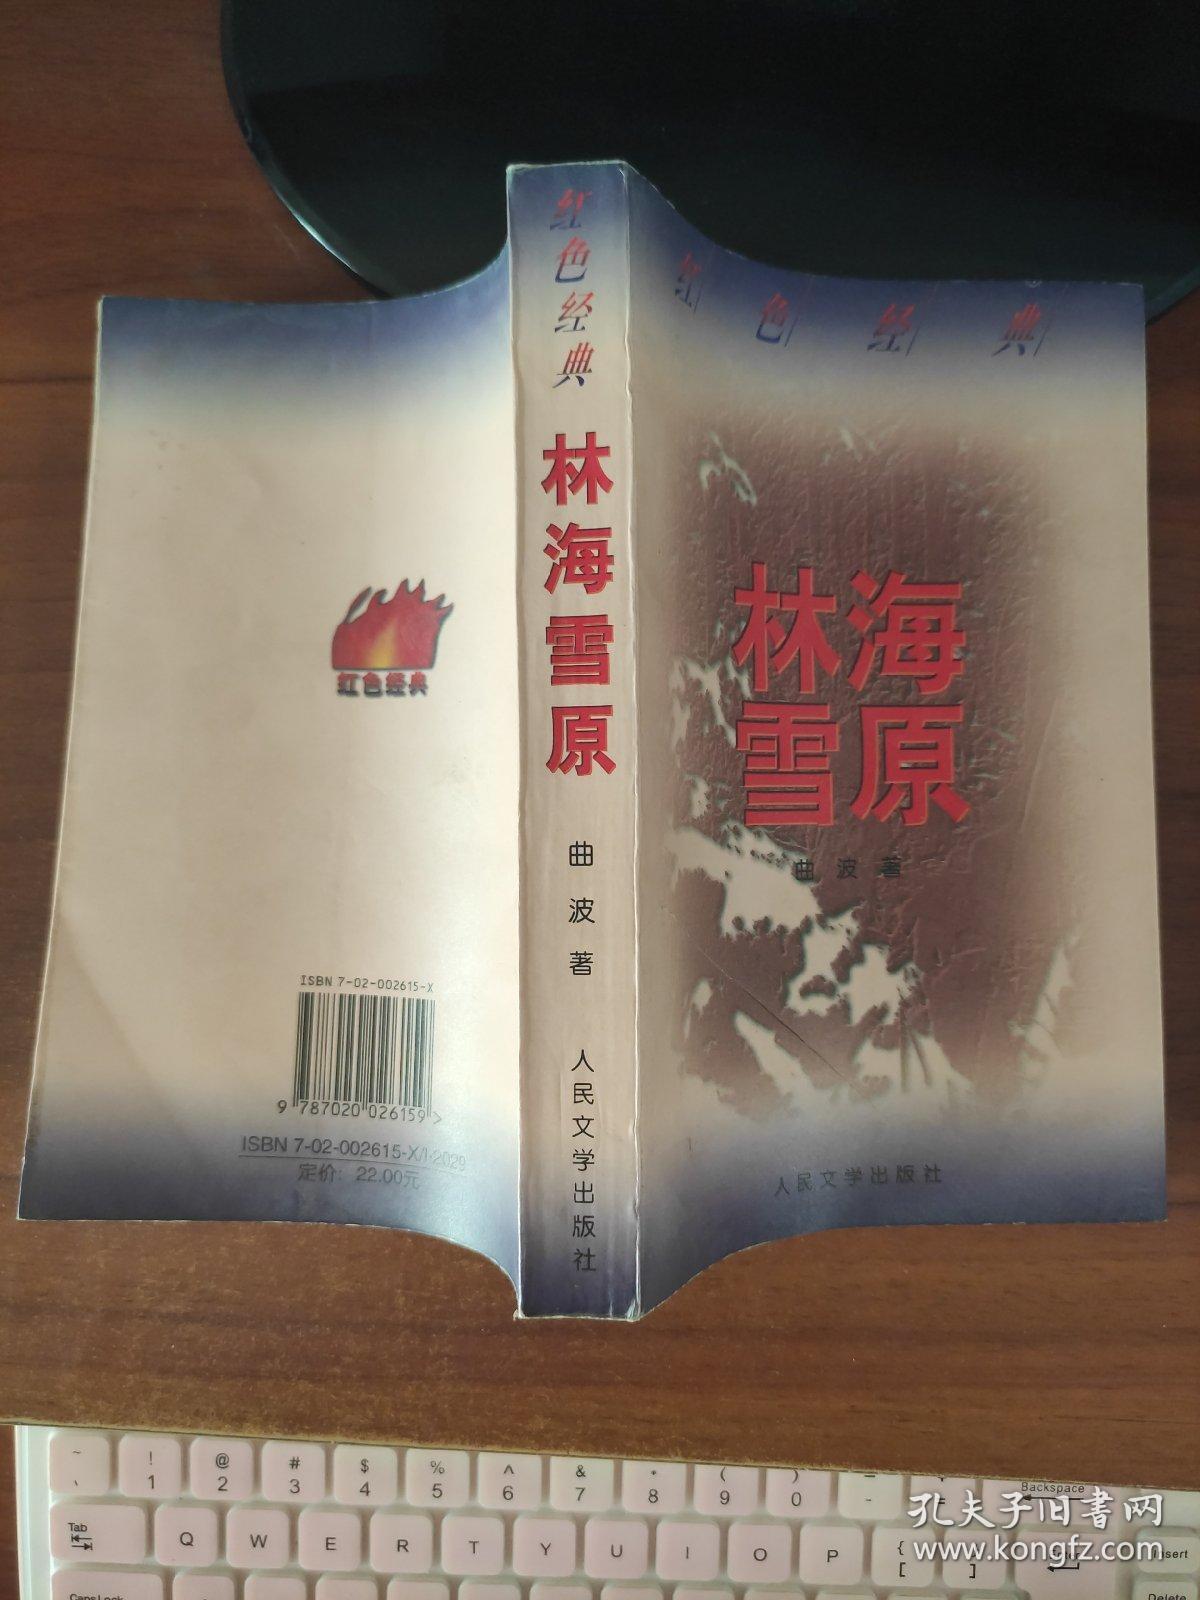 林海雪原  曲波  著 人民文学出版社